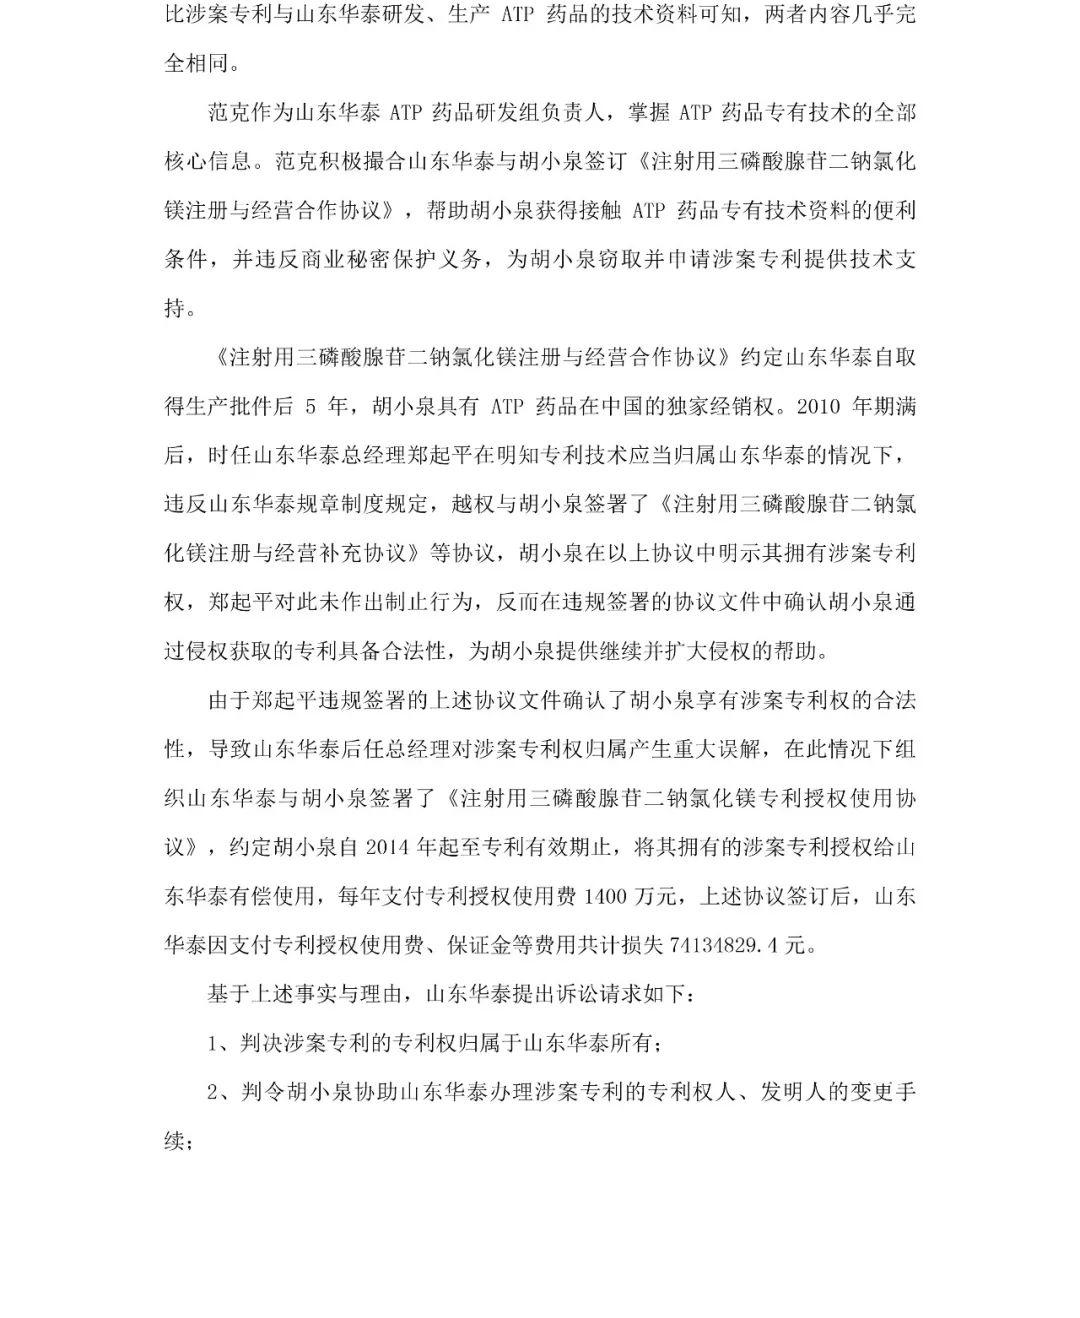 索赔74134829.4元!山东华泰诉胡小泉等专利权案诉讼公告(全文)